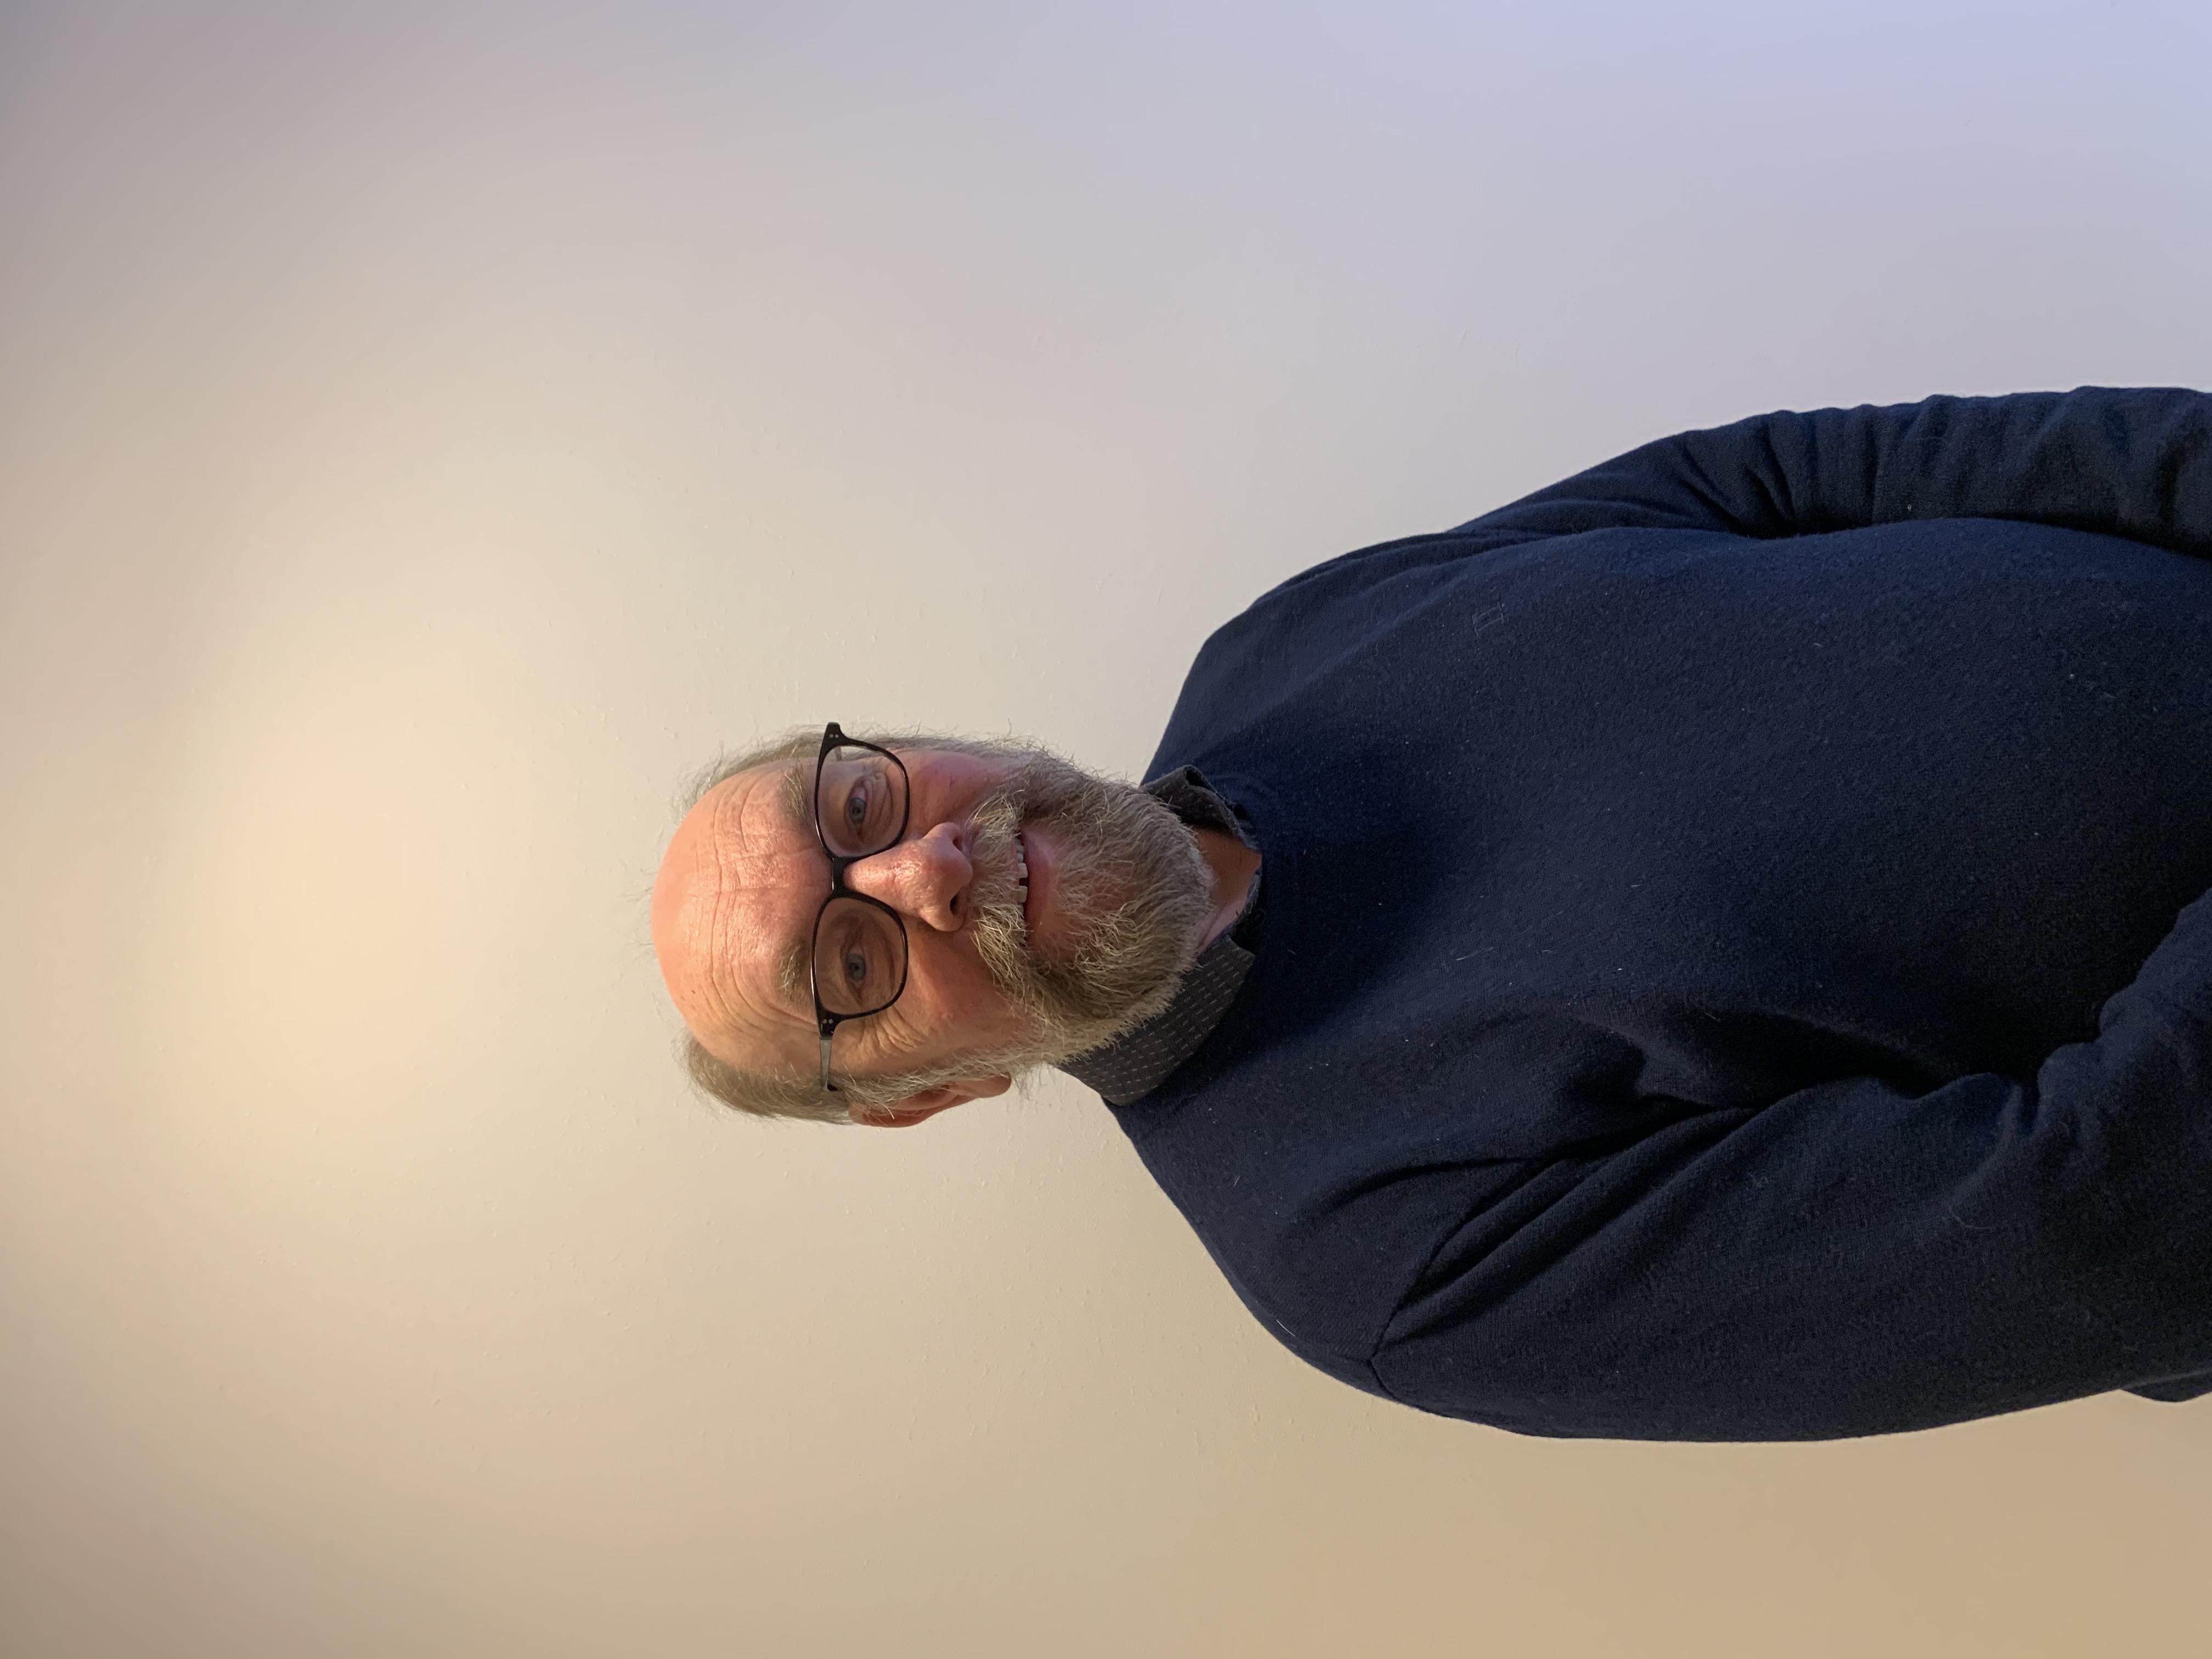 Bjørn Vidar Caspersen